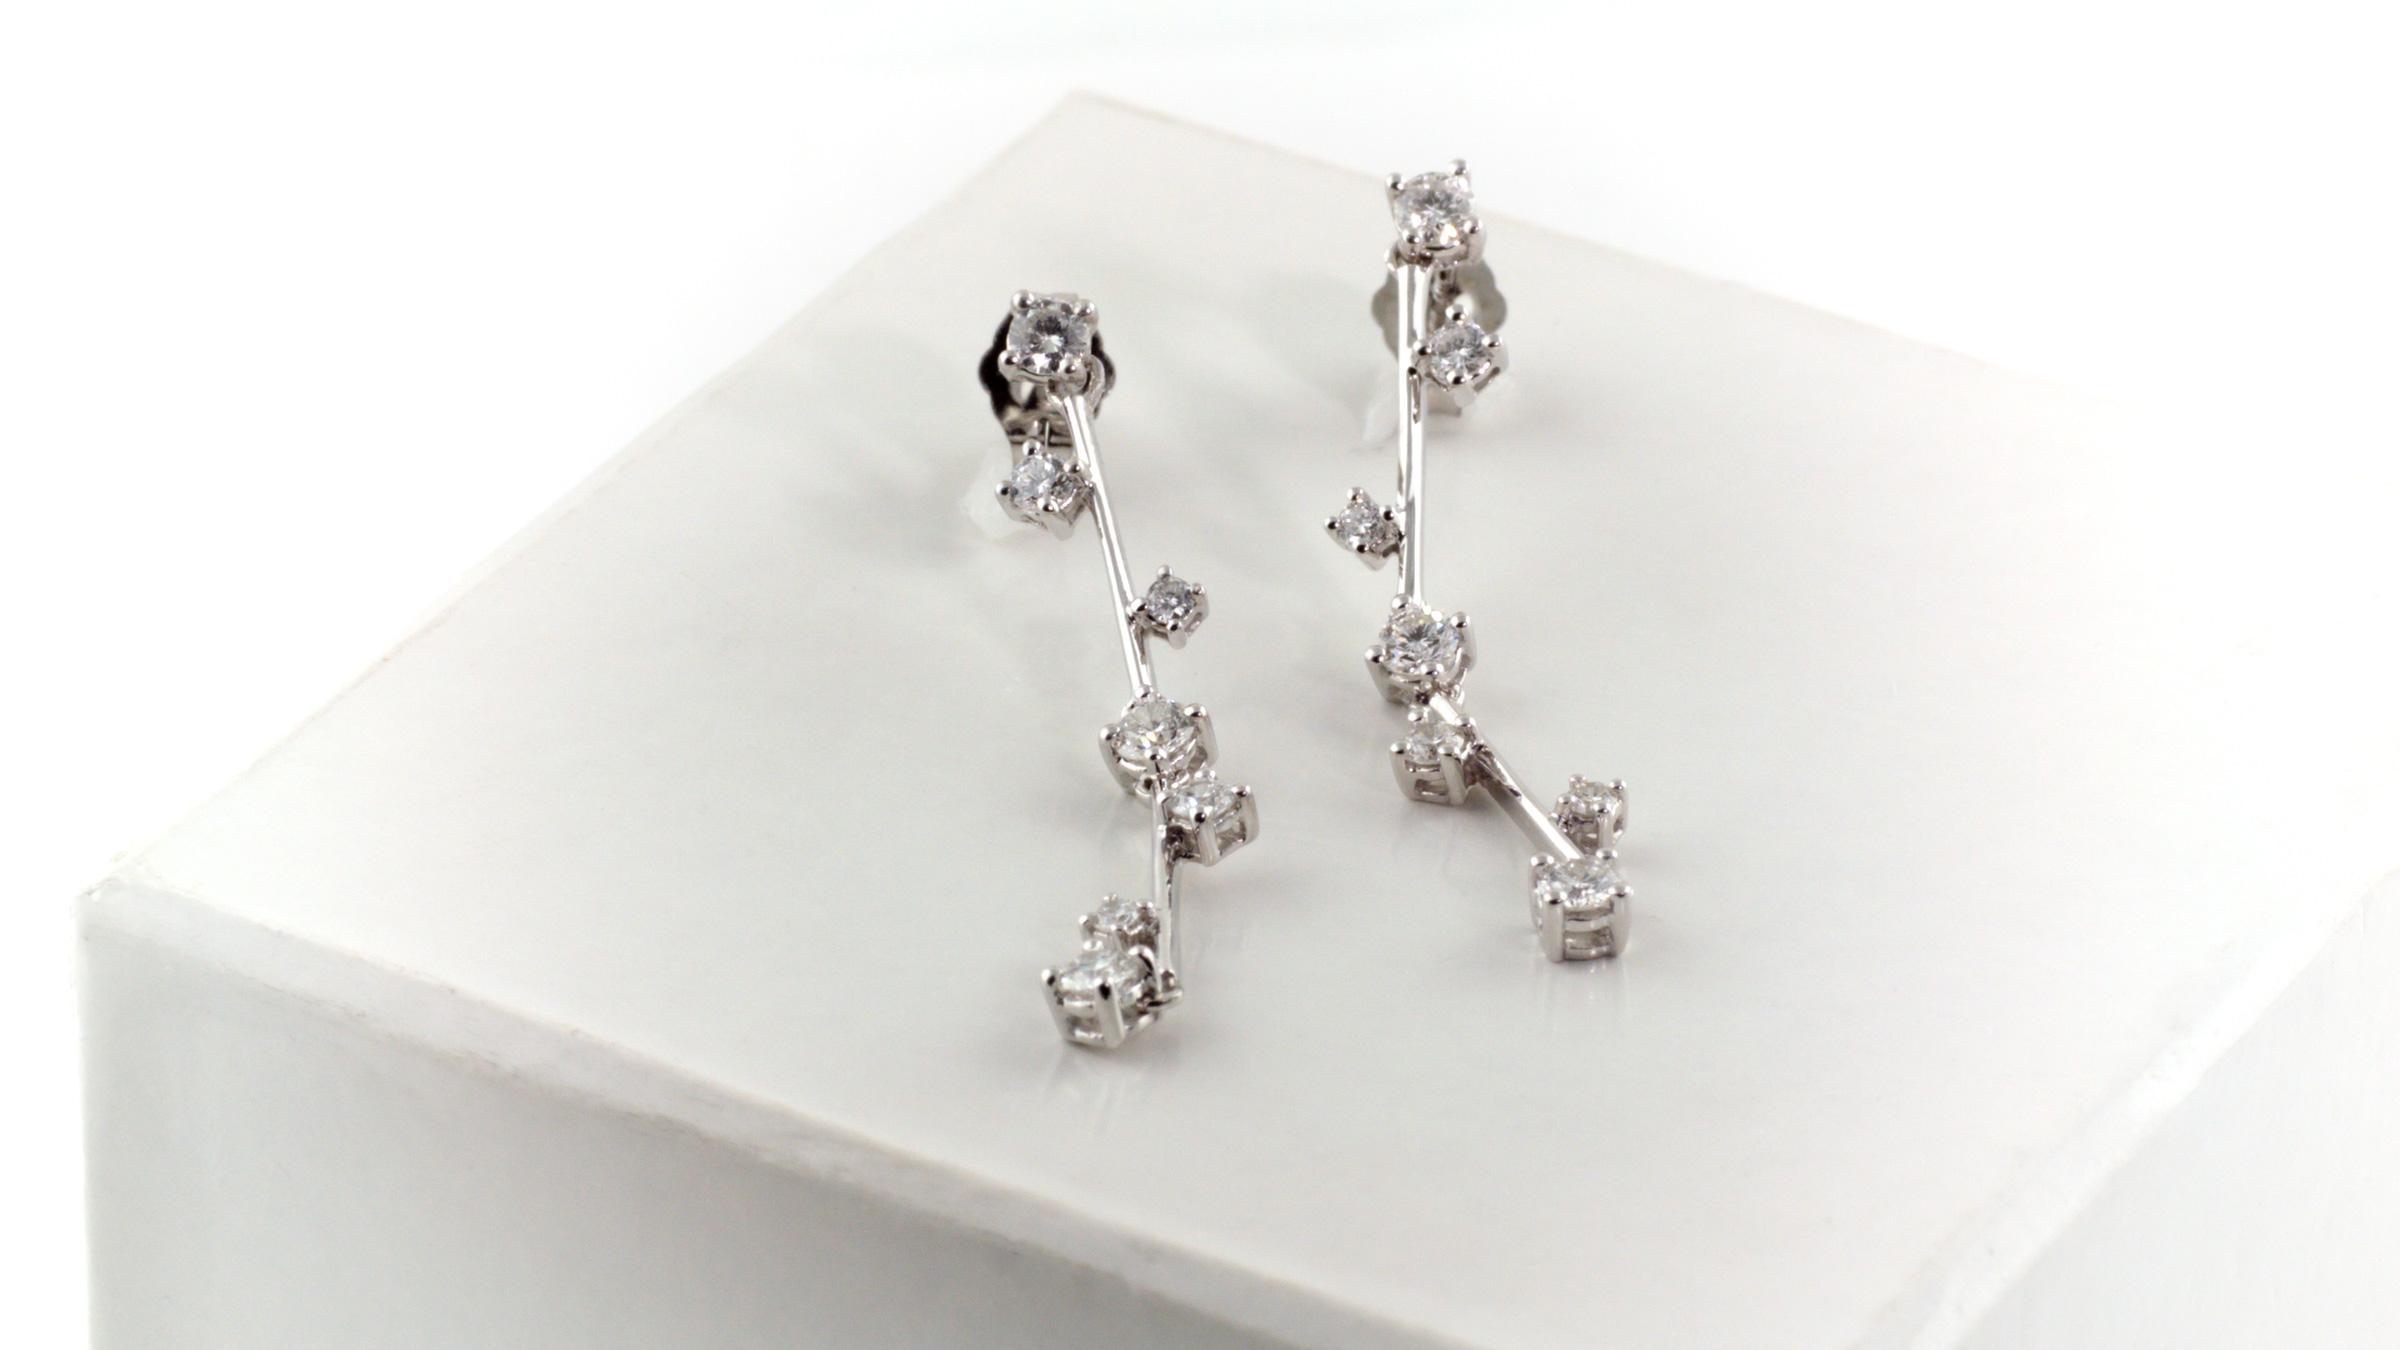 Diamond earrings in 14K white gold.